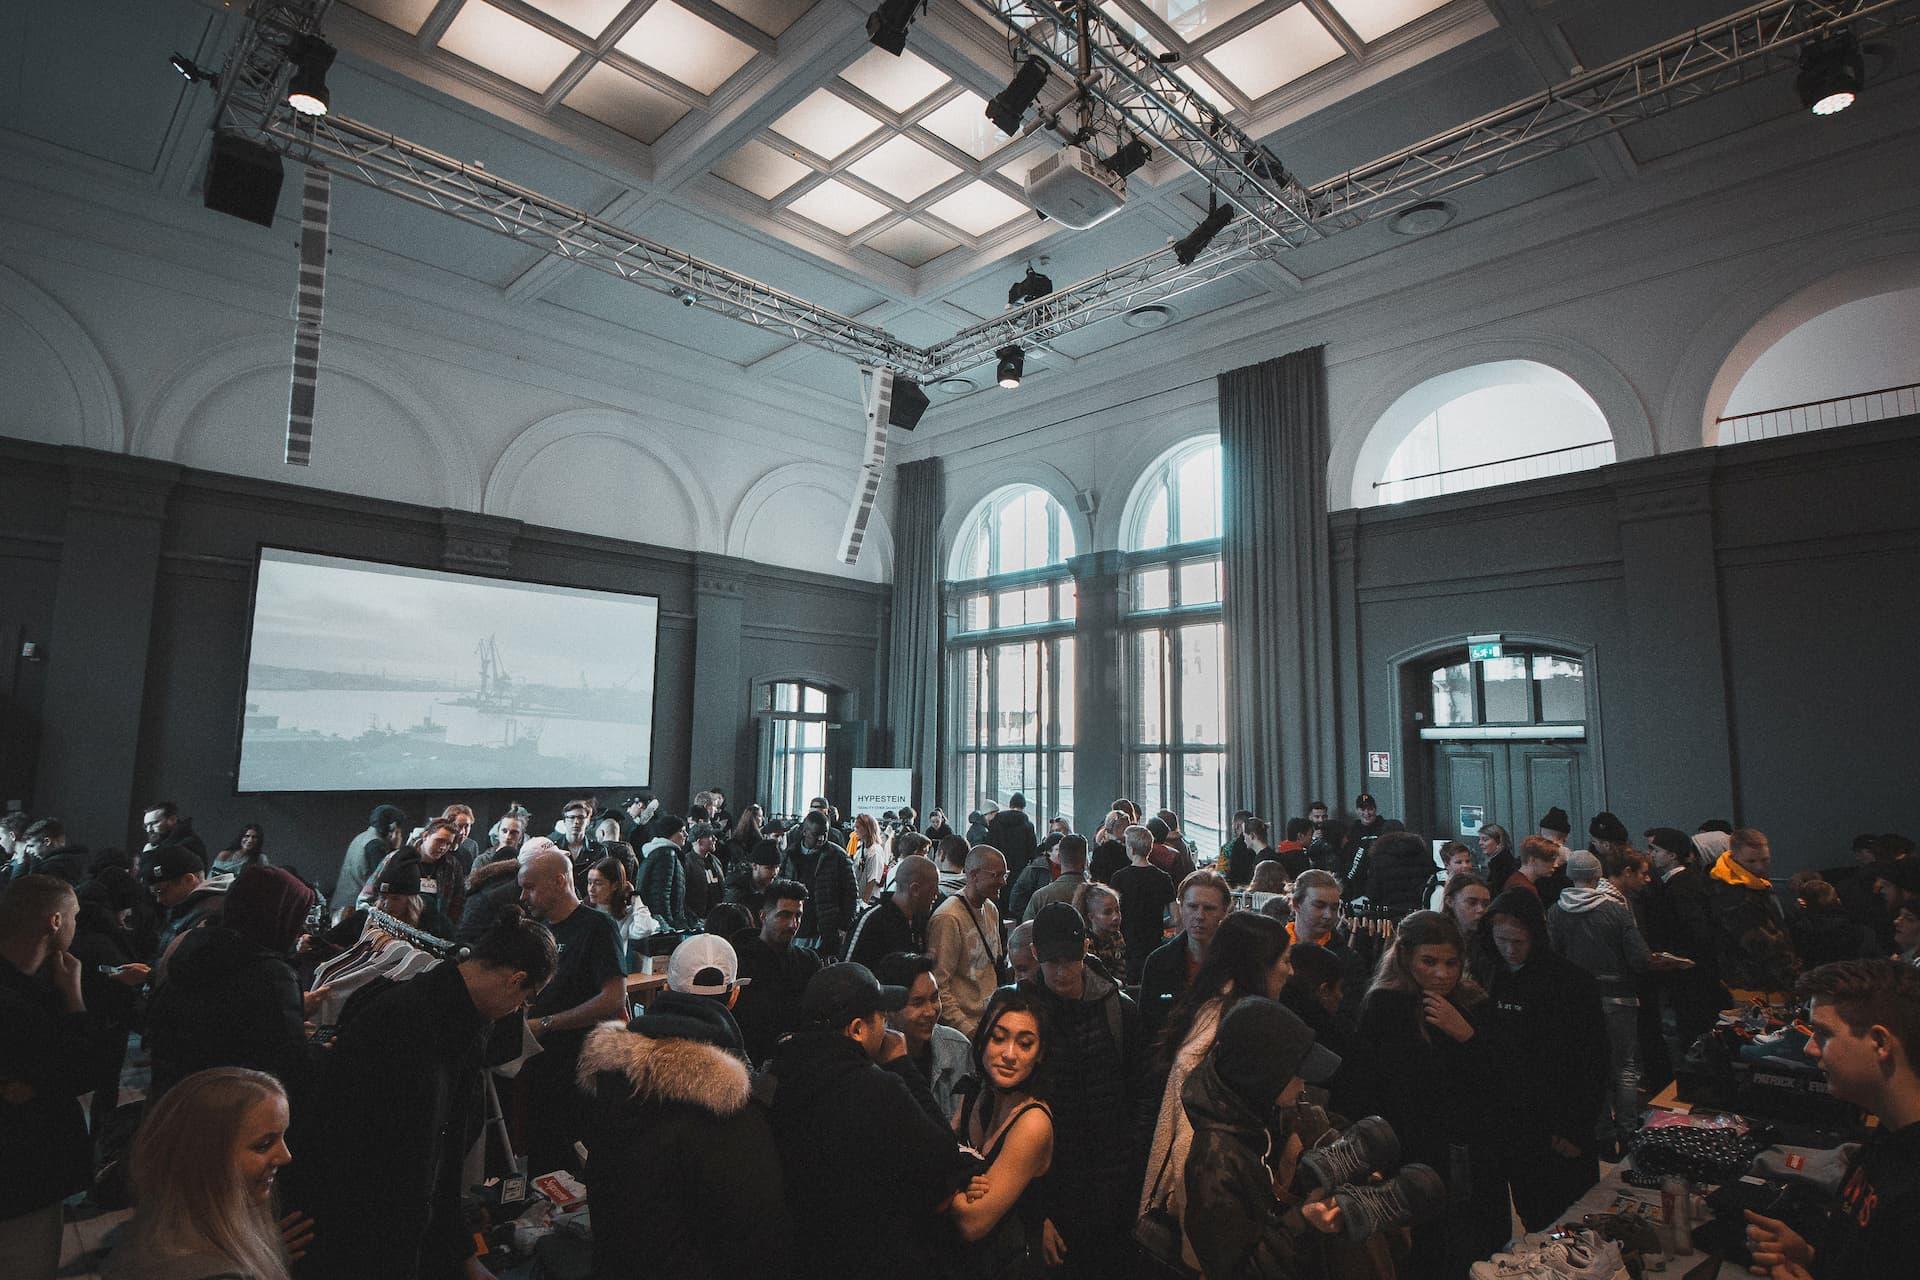 Evenimente cu intrare liberă la care poți merge în următoarea perioadă în Cluj